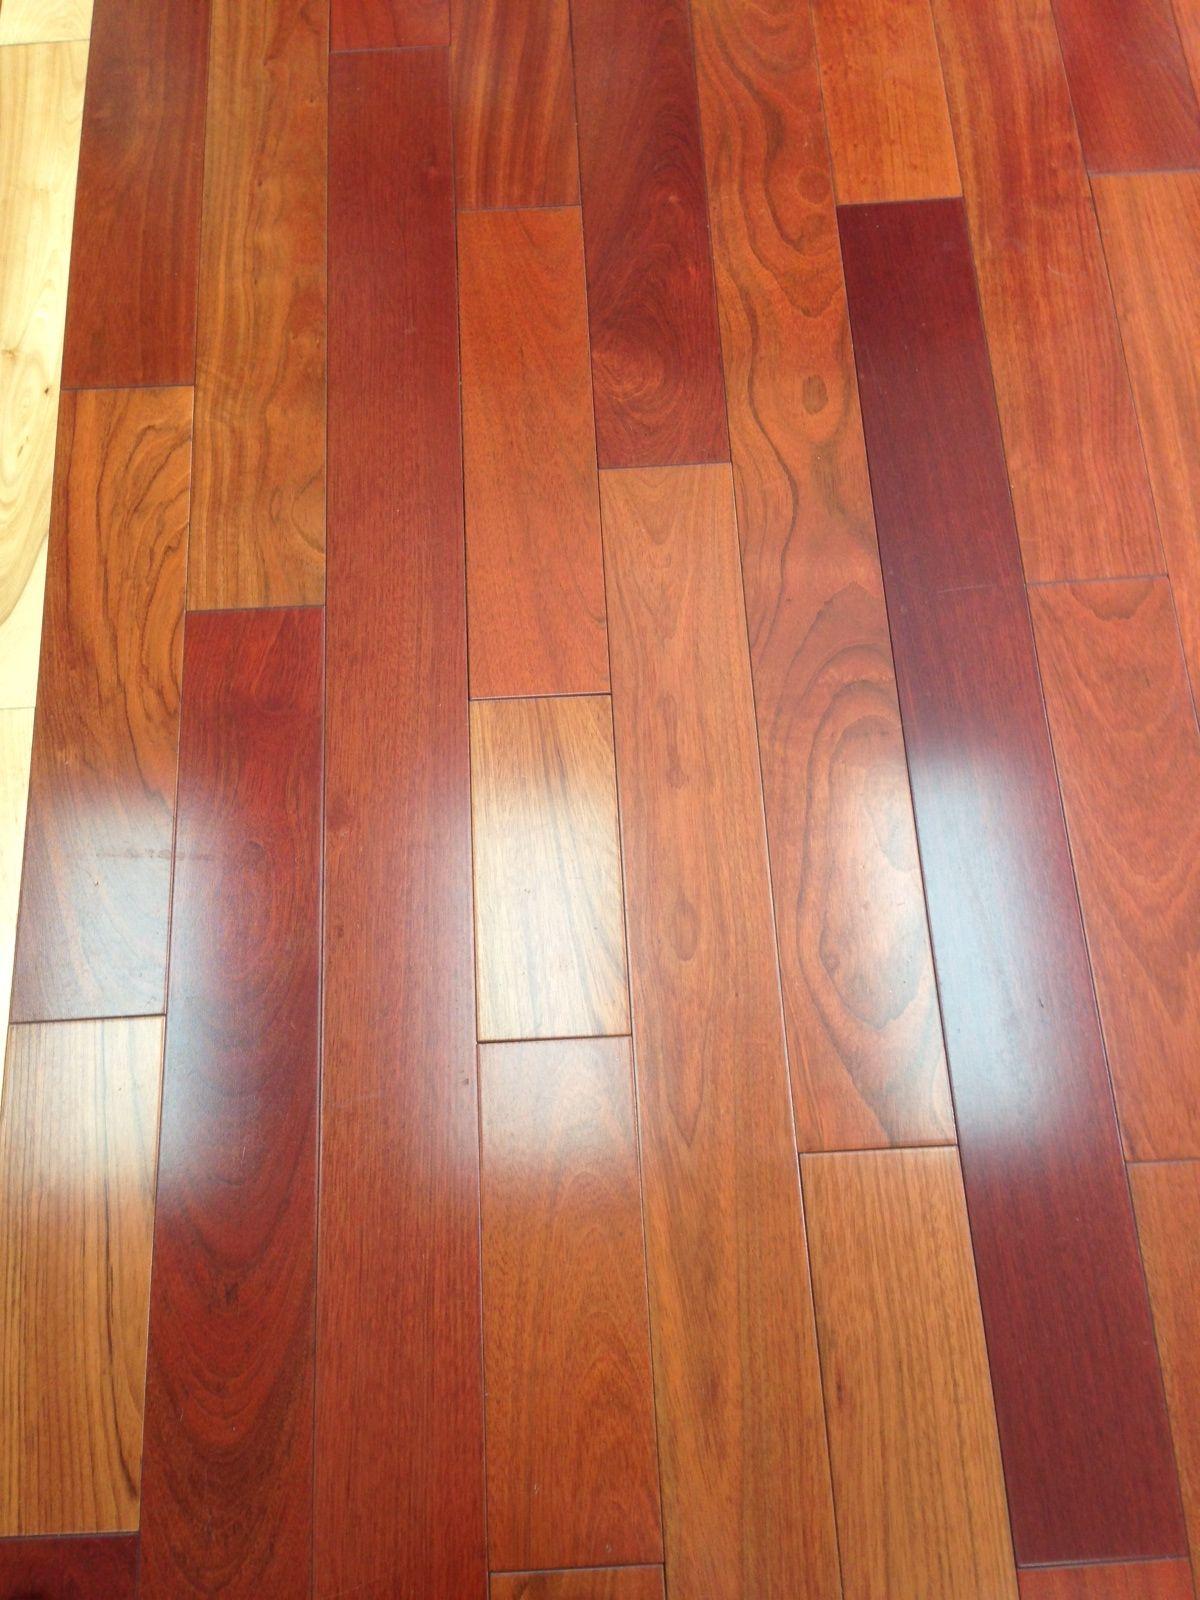 Brazilian Cherry Pre Engineered Hardwood Floors Engineered Hardwood Flooring Flooring Engineered Hardwood